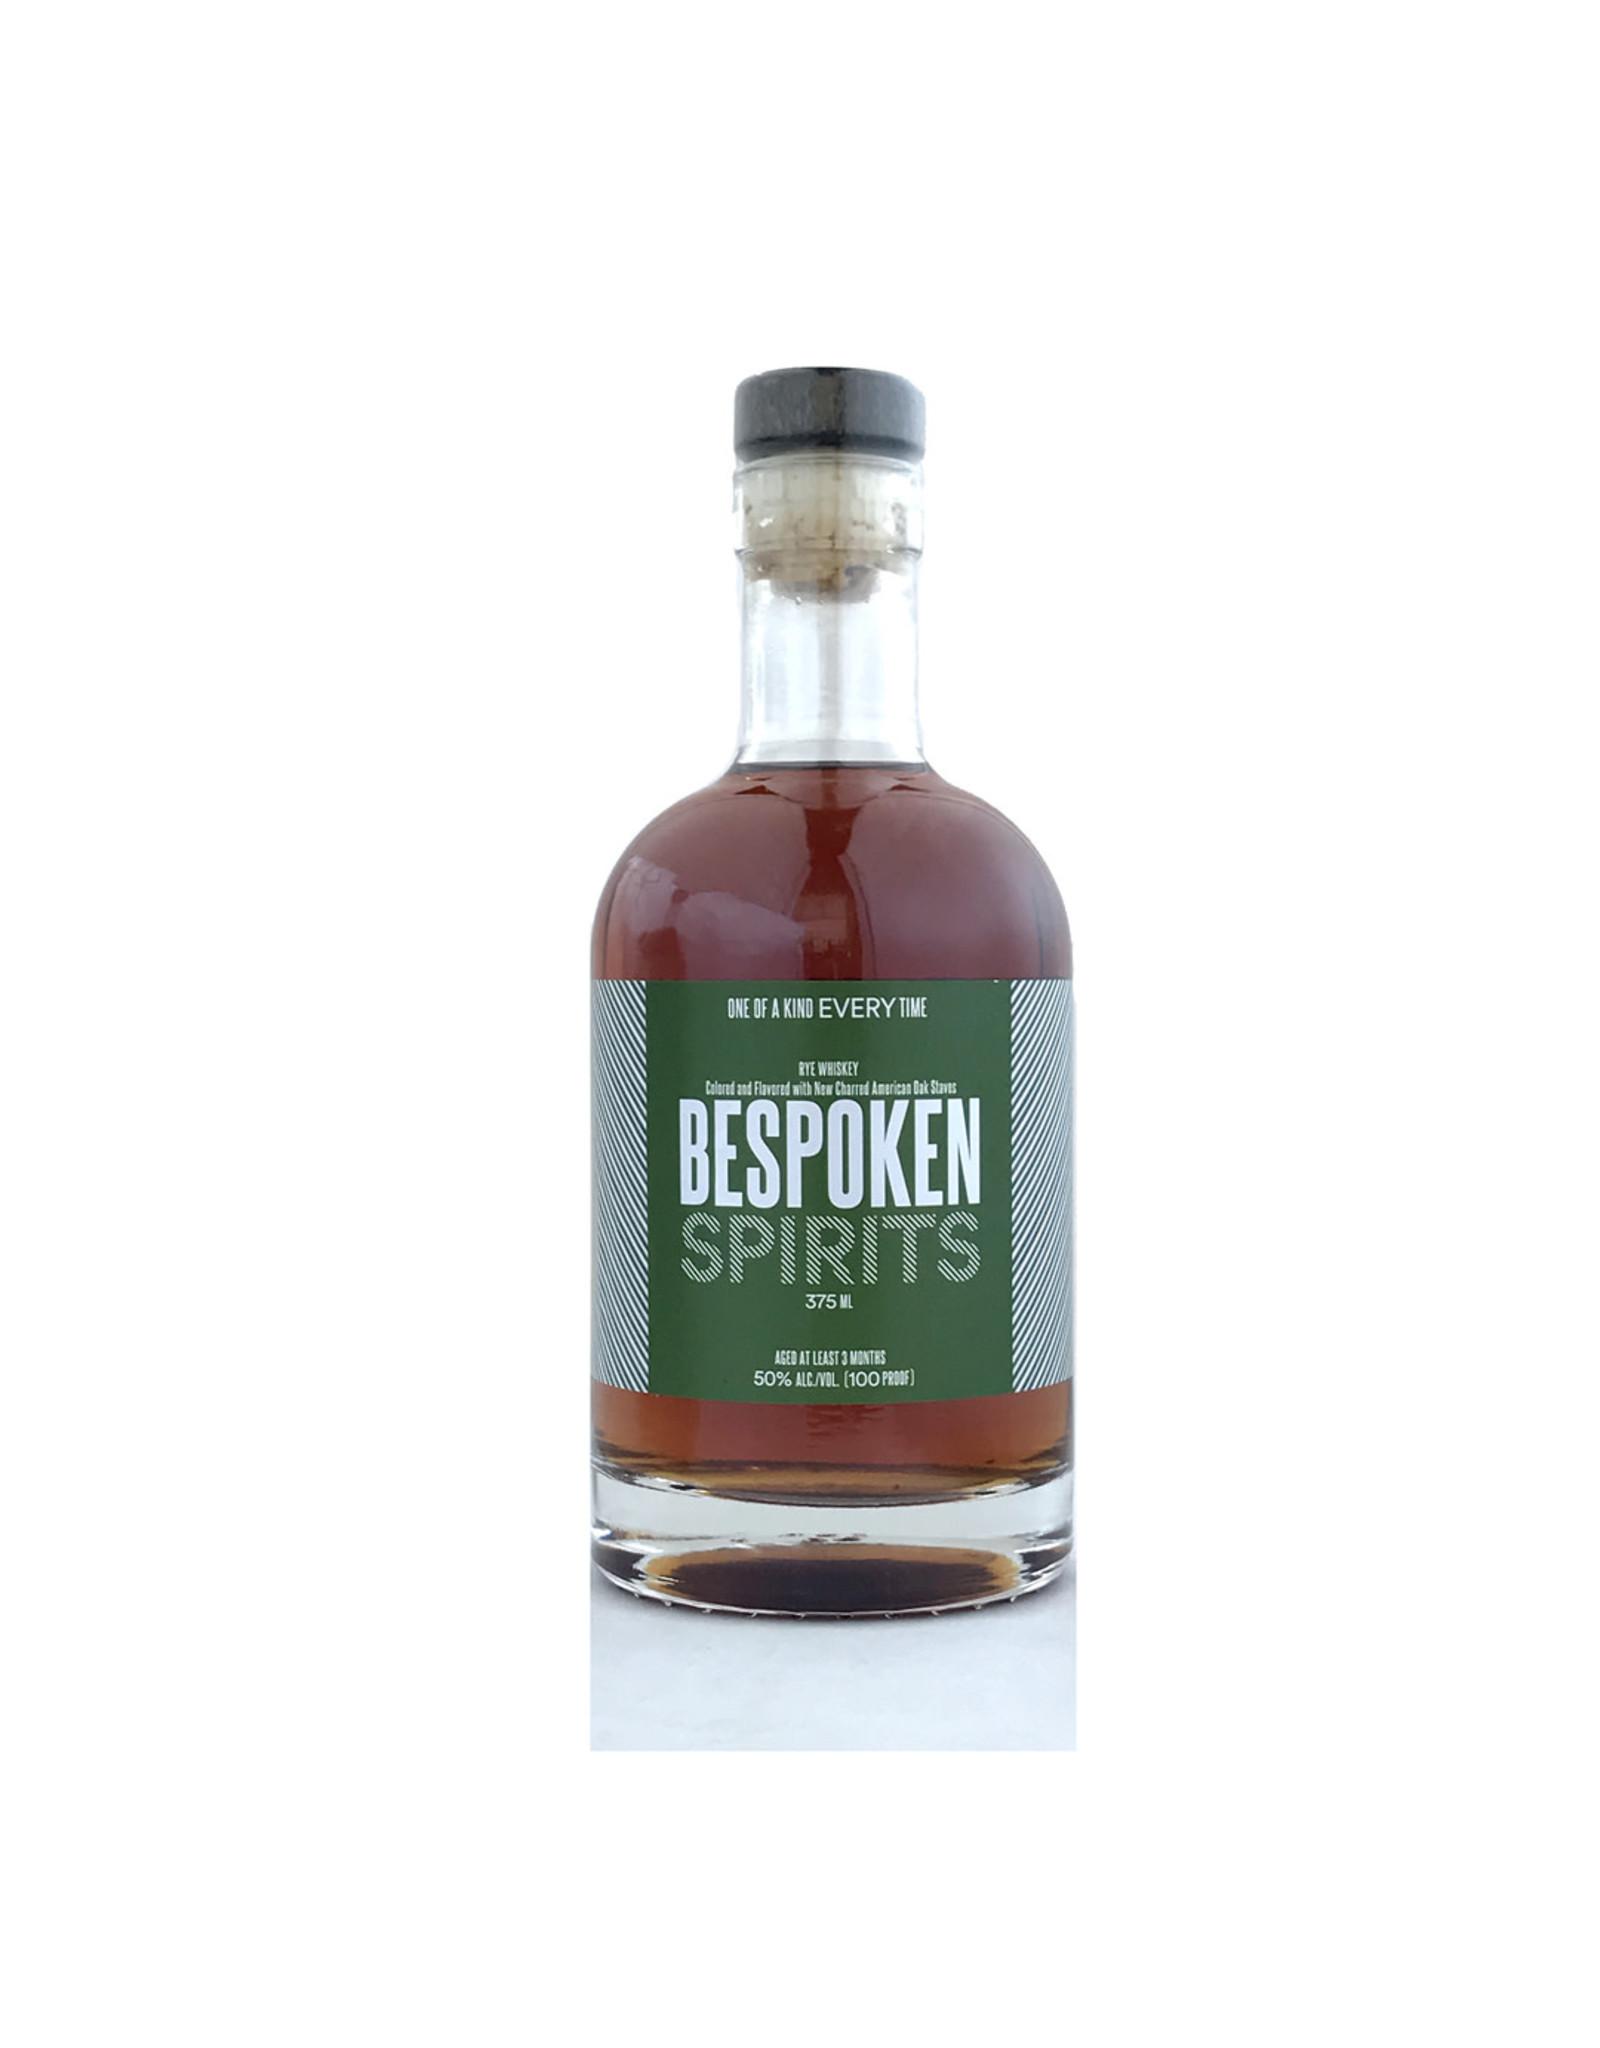 Bespoken Spirits Rye Whiskey  375ml (Green Label)